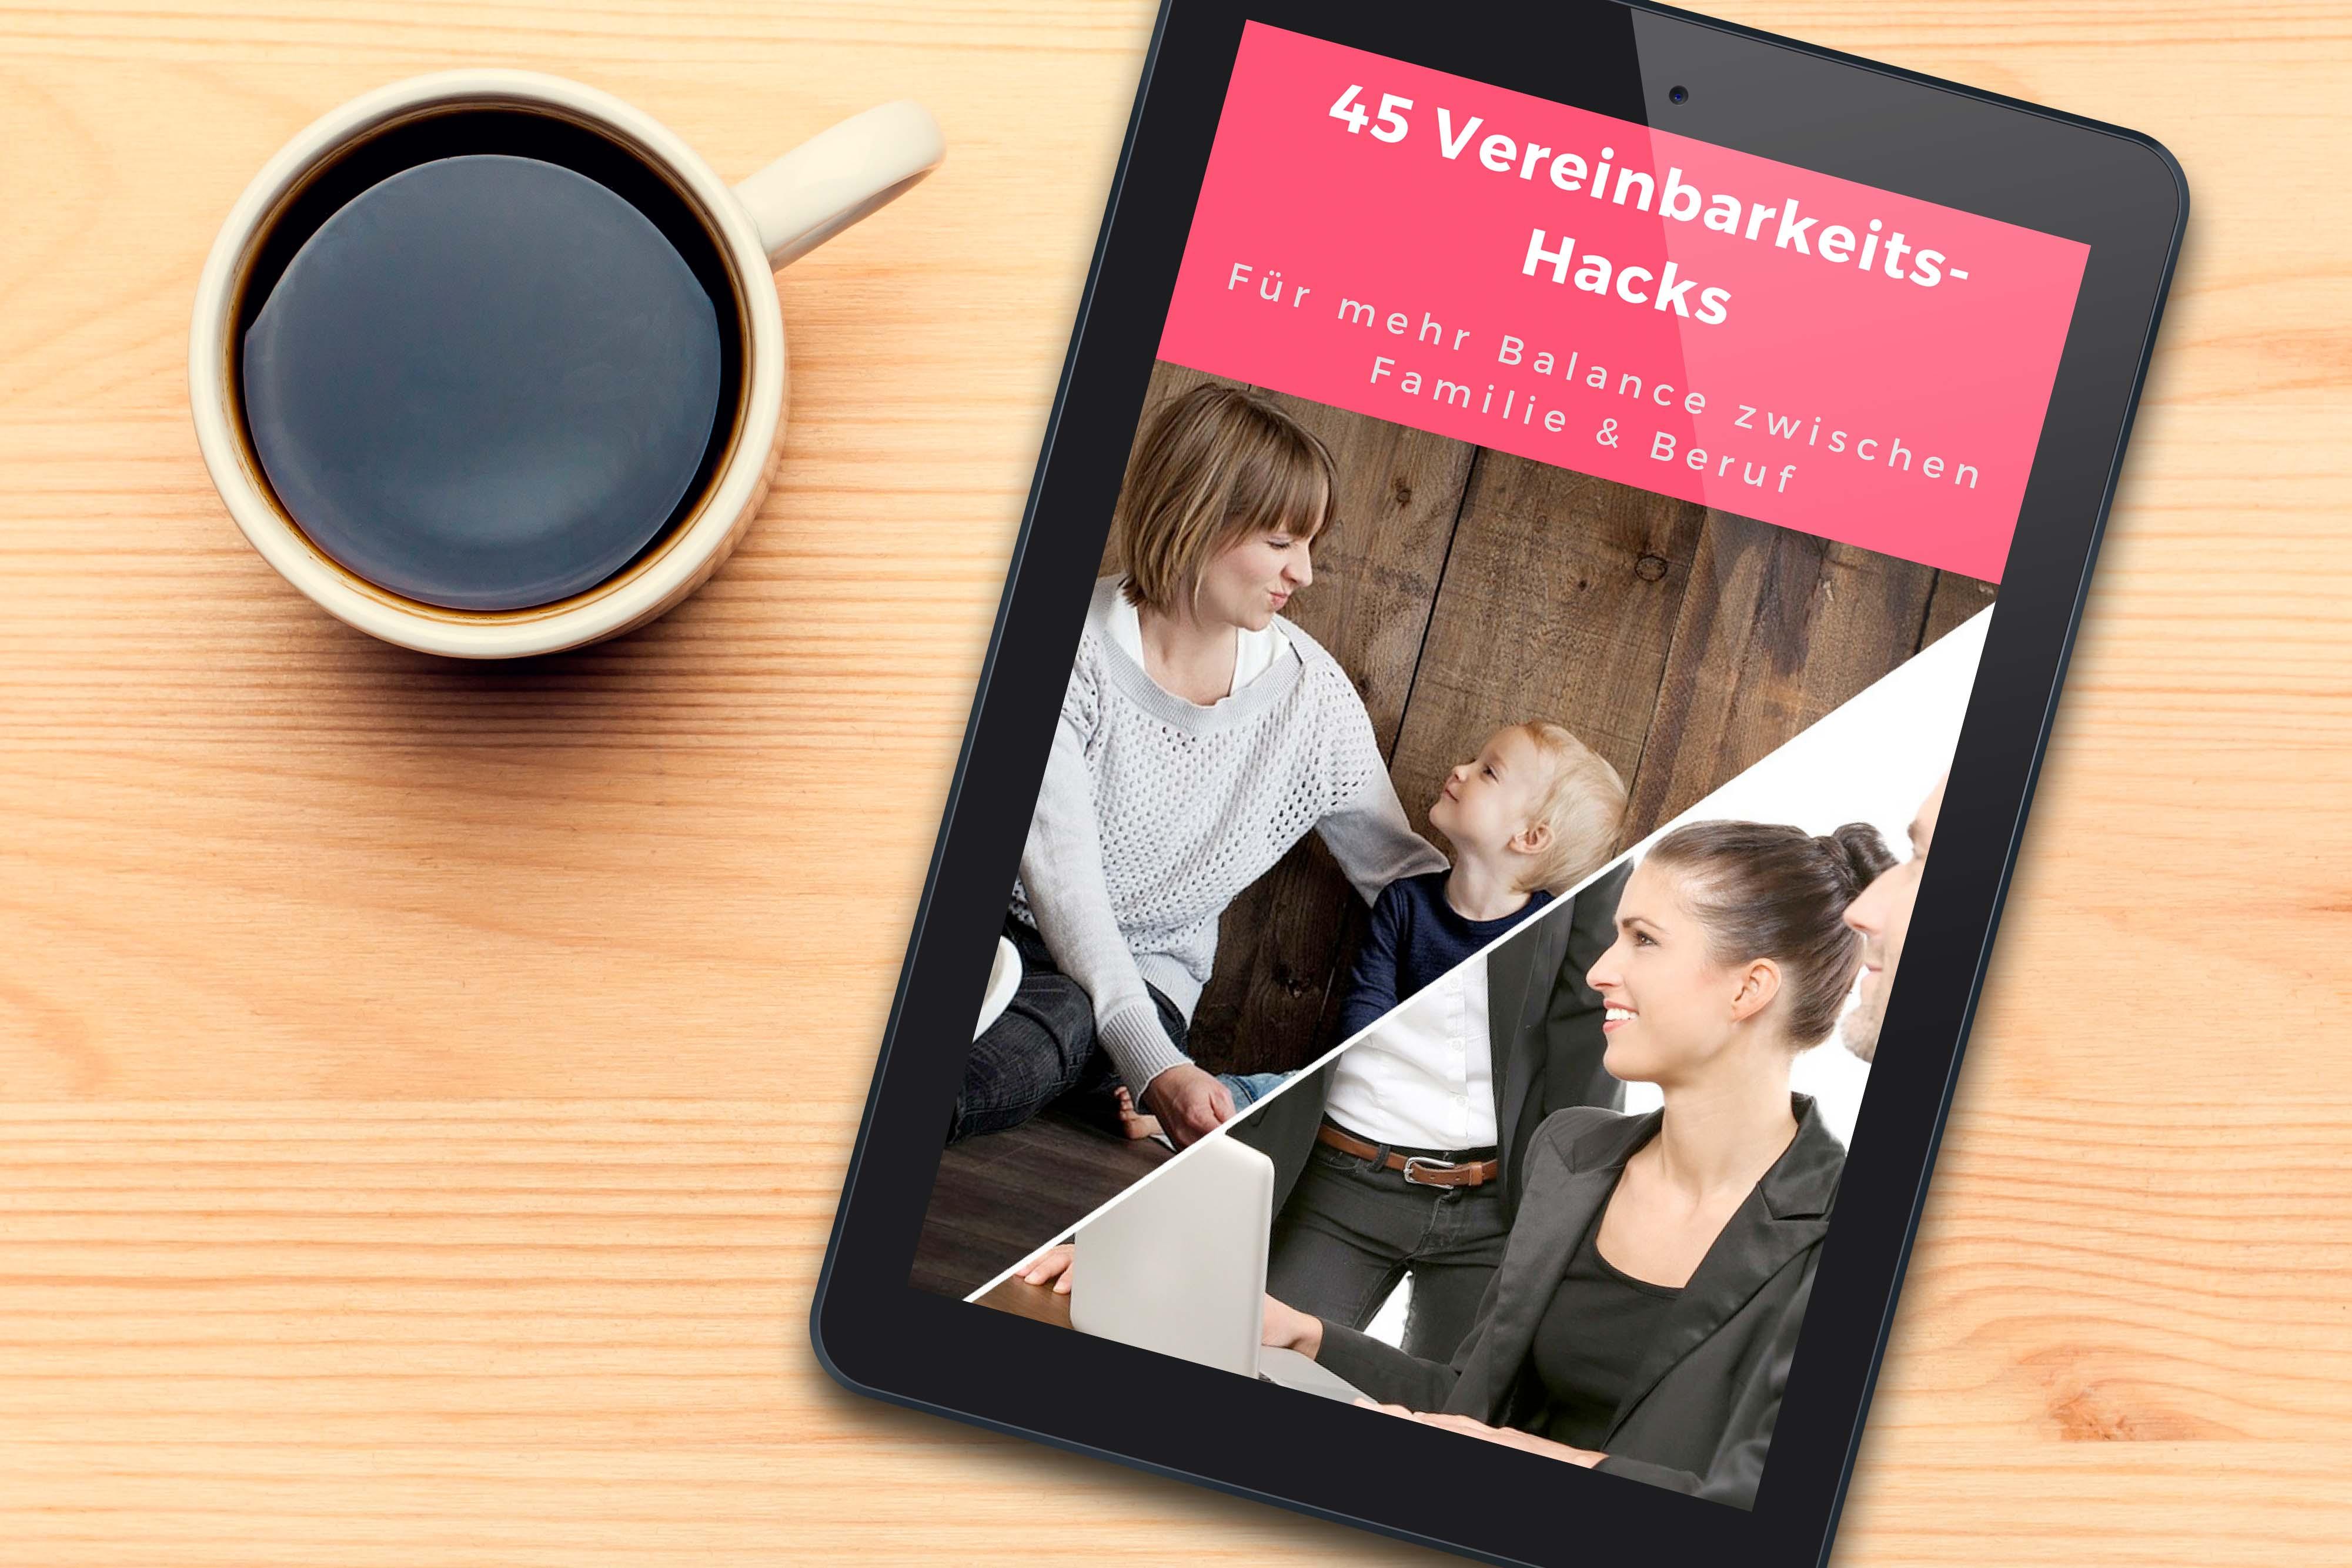 Trage dich hier für meinen Newsletter ein und du bekommst Zugang zu 45 Vereinbarkeits-Hacks.